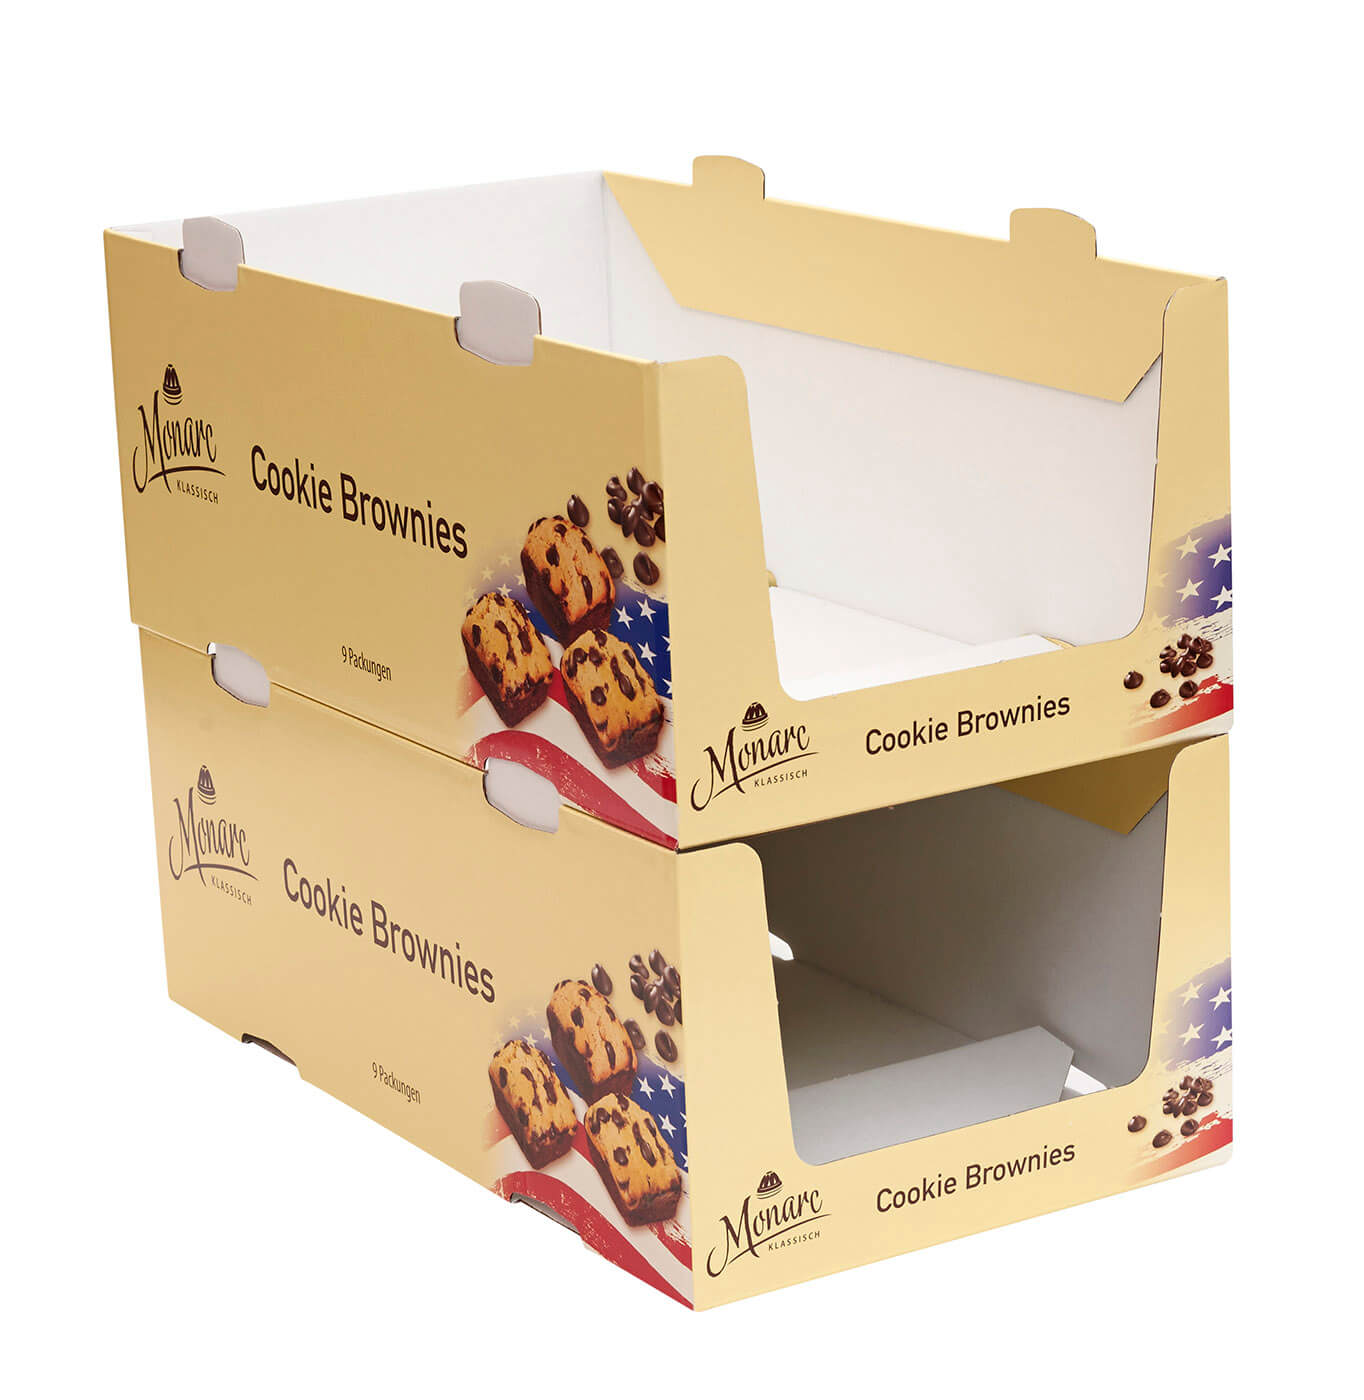 Shelf-Ready Packaging Regalgerechte Verkaufsverpackungen (4)